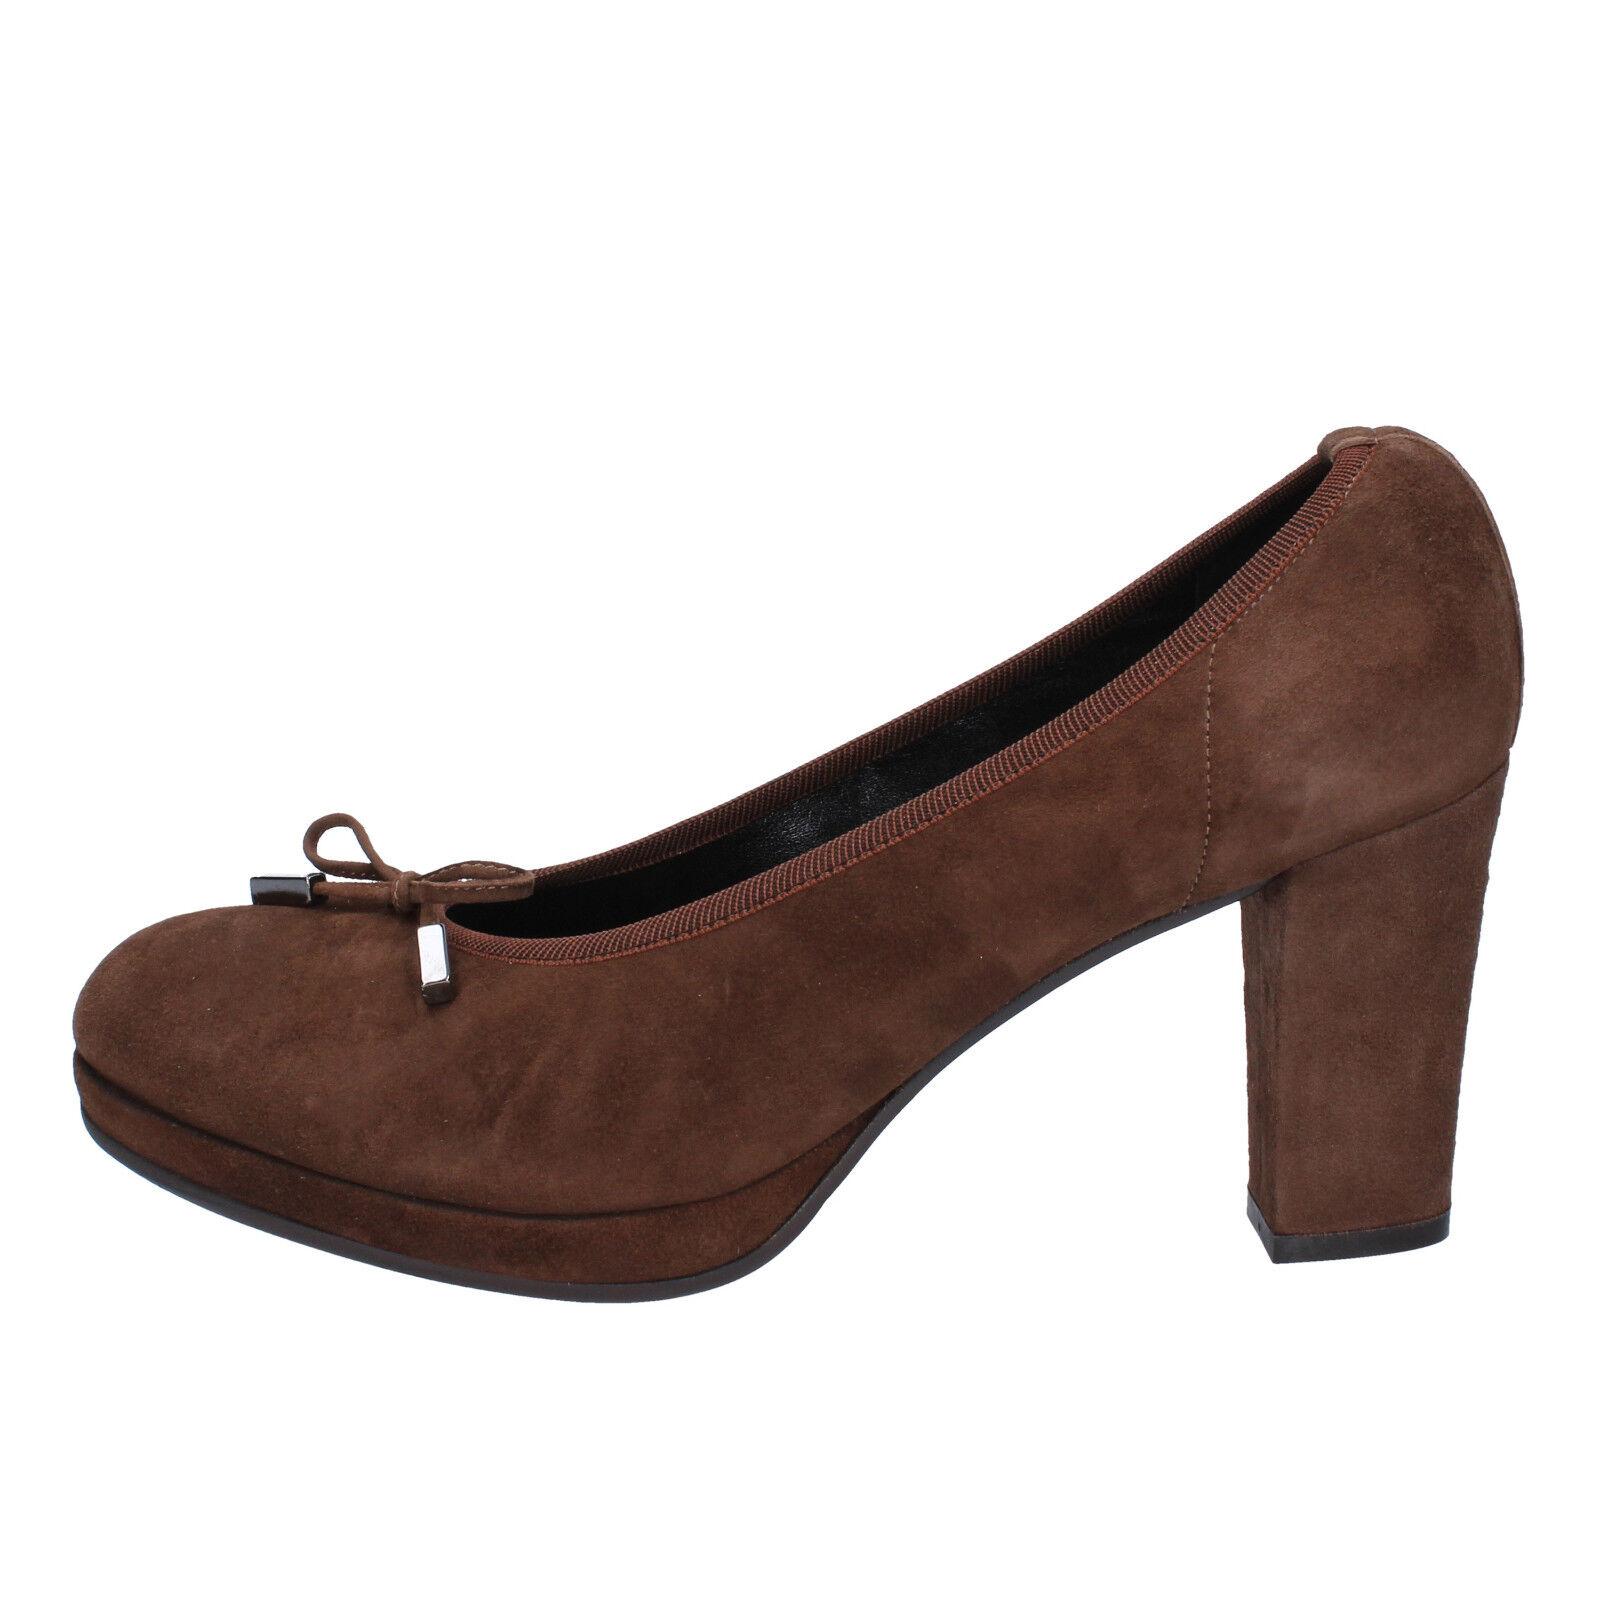 Wohombres zapatos CALPIERRE 7 (EU 40) Courts marrón Suede AD584